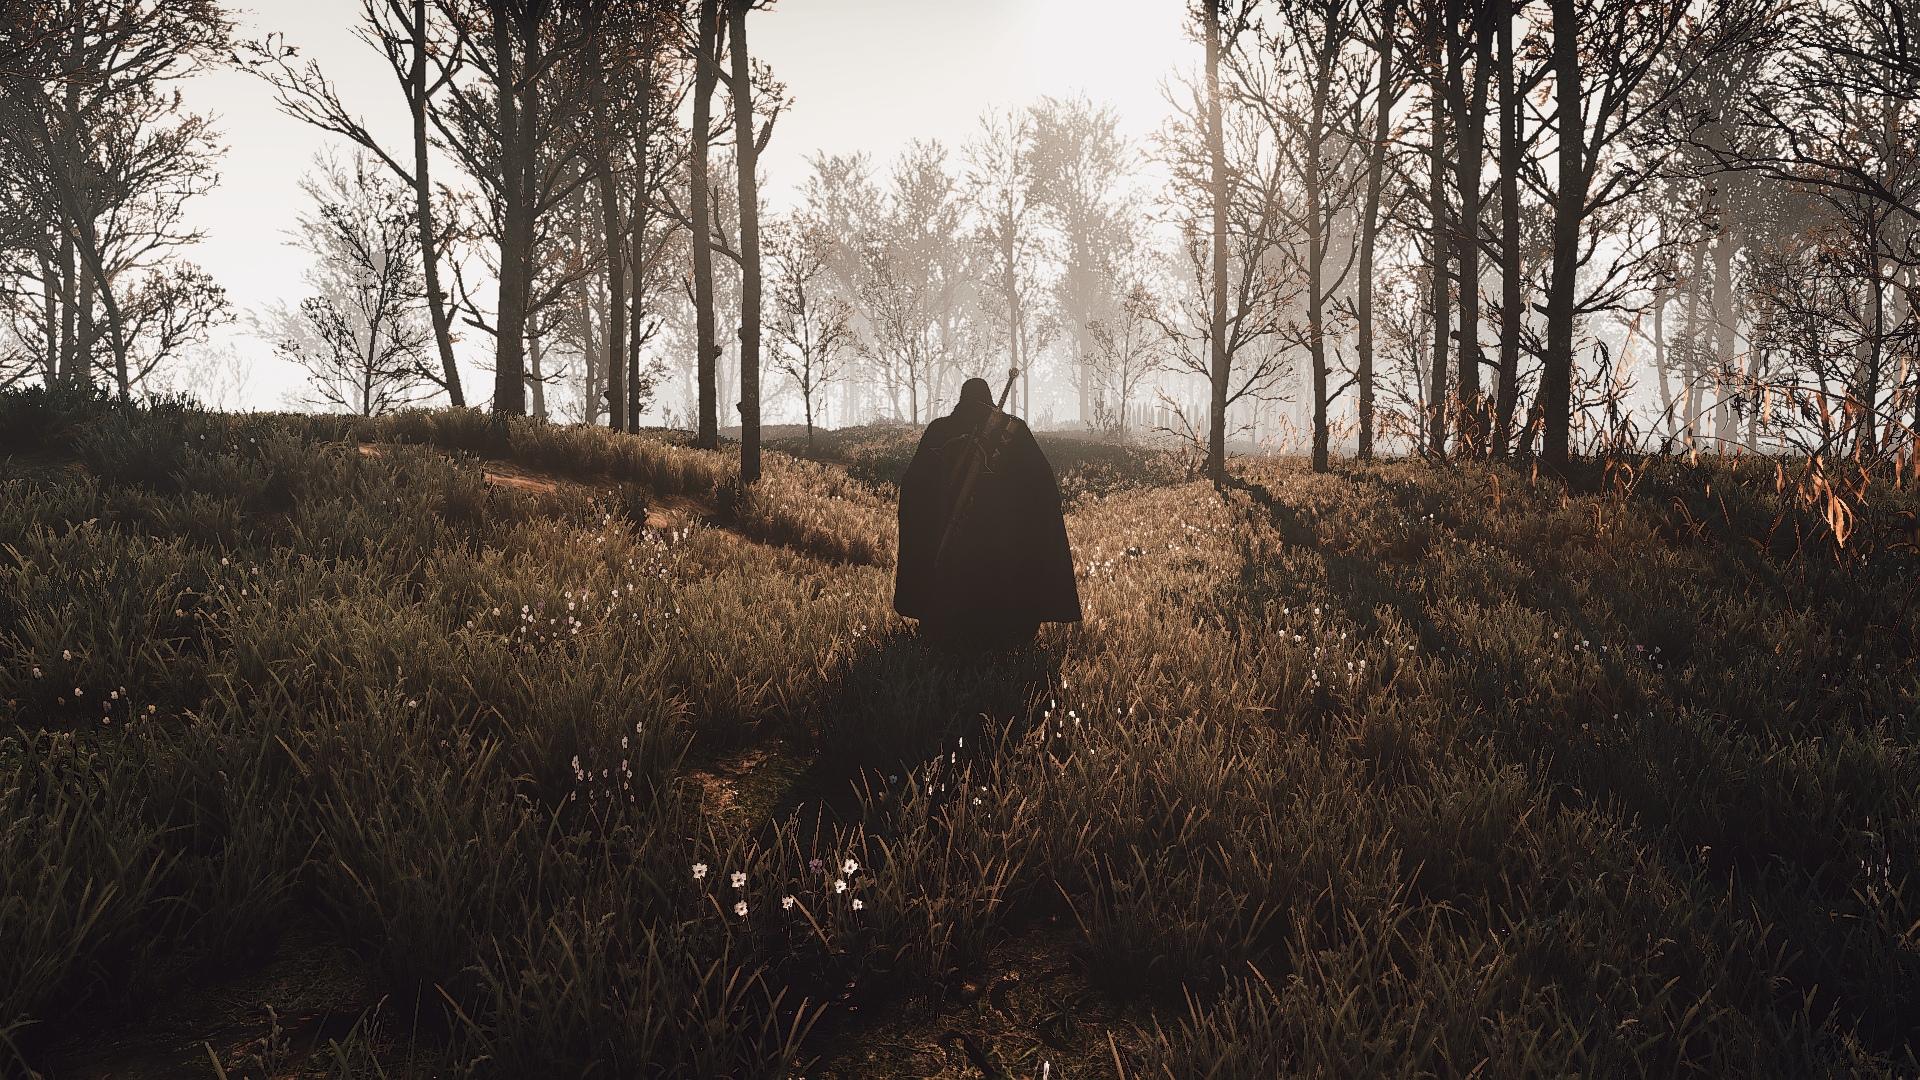 xxCO40WNuGM.jpg - The Witcher 3: Wild Hunt